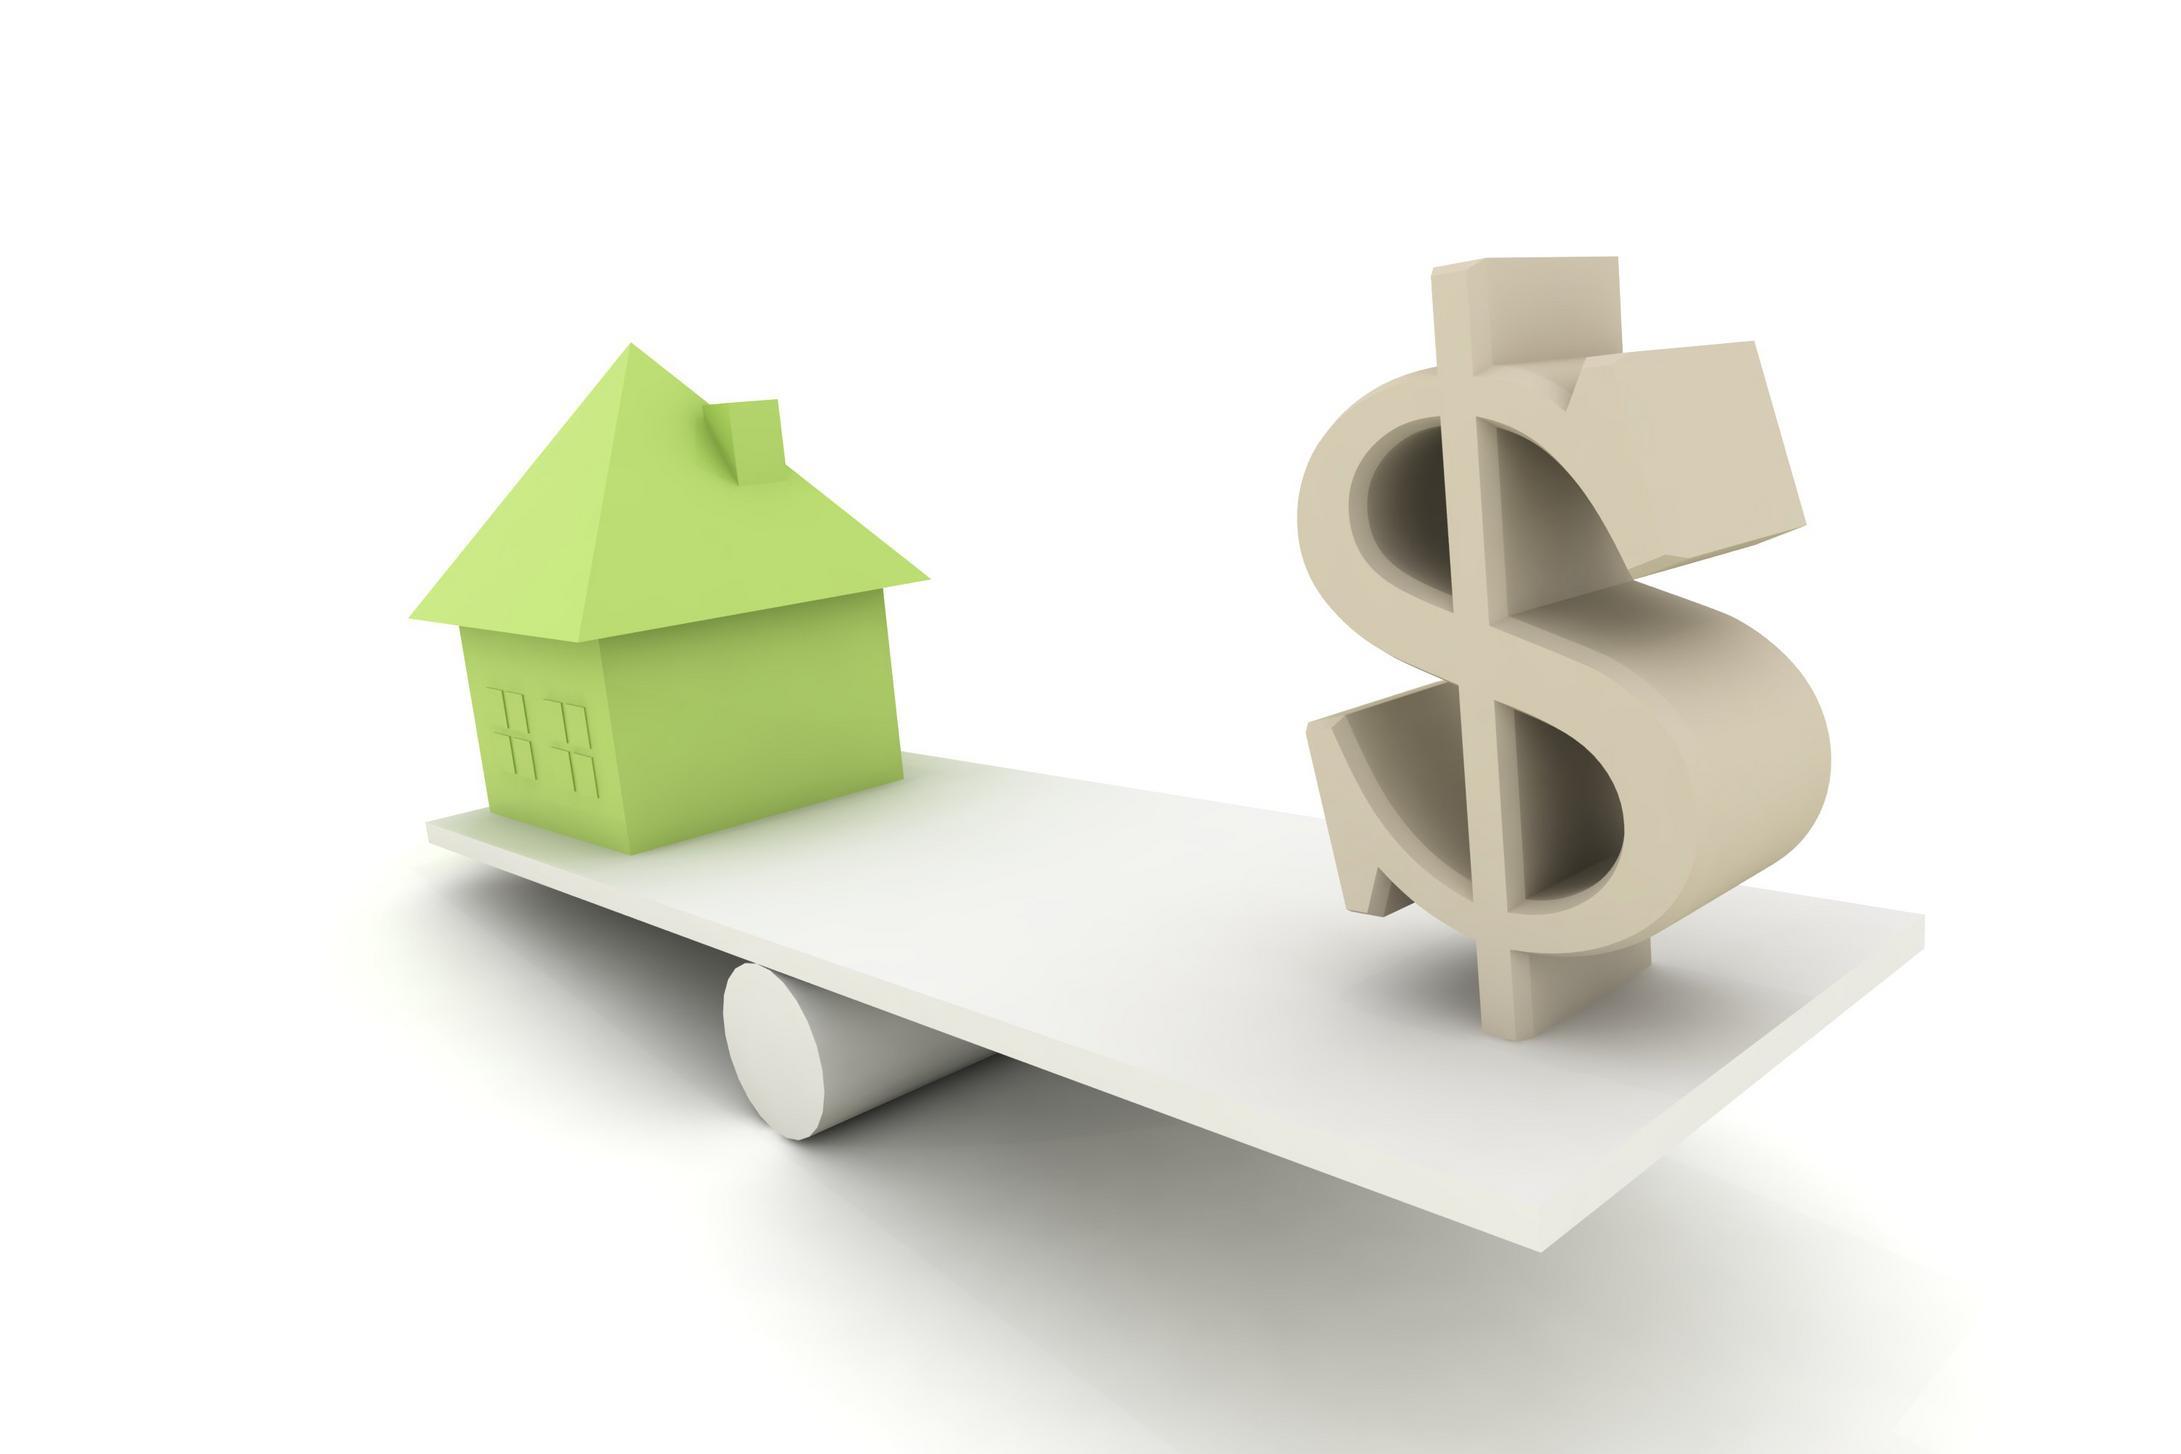 цены на загородное жилье